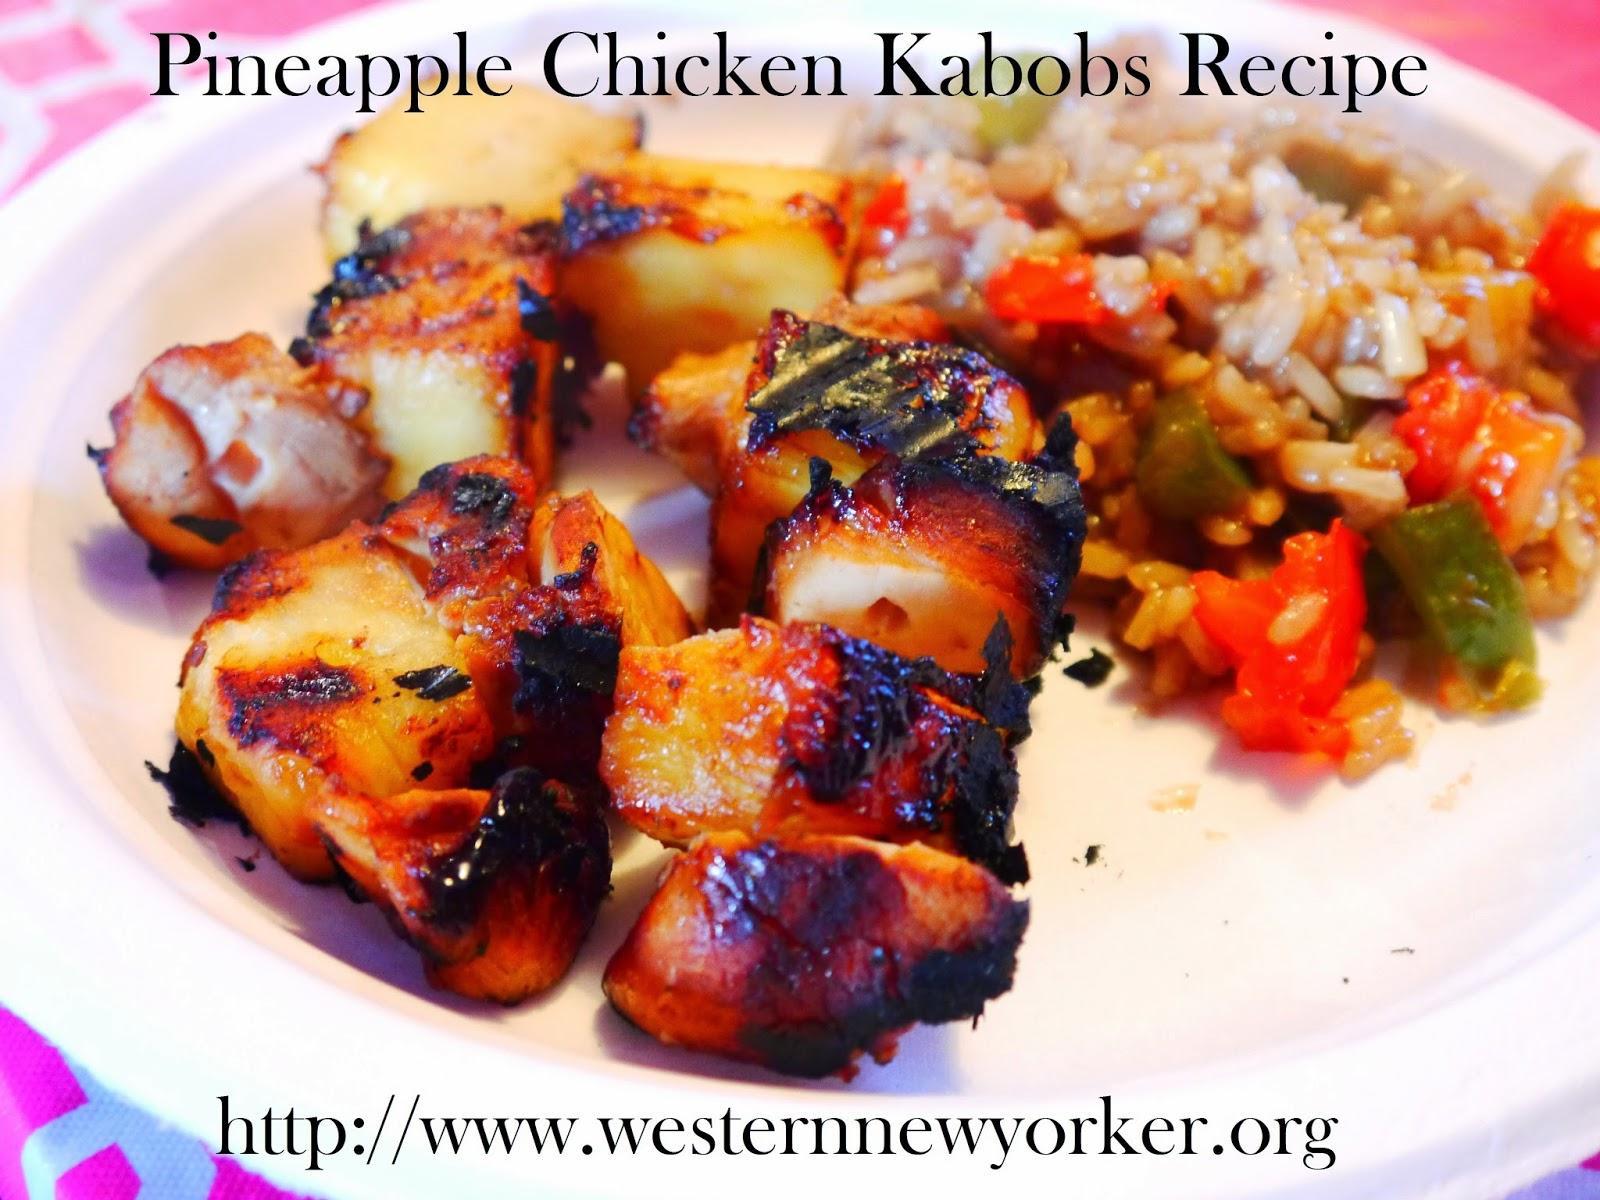 Pineapple Chicken Kabobs Recipe